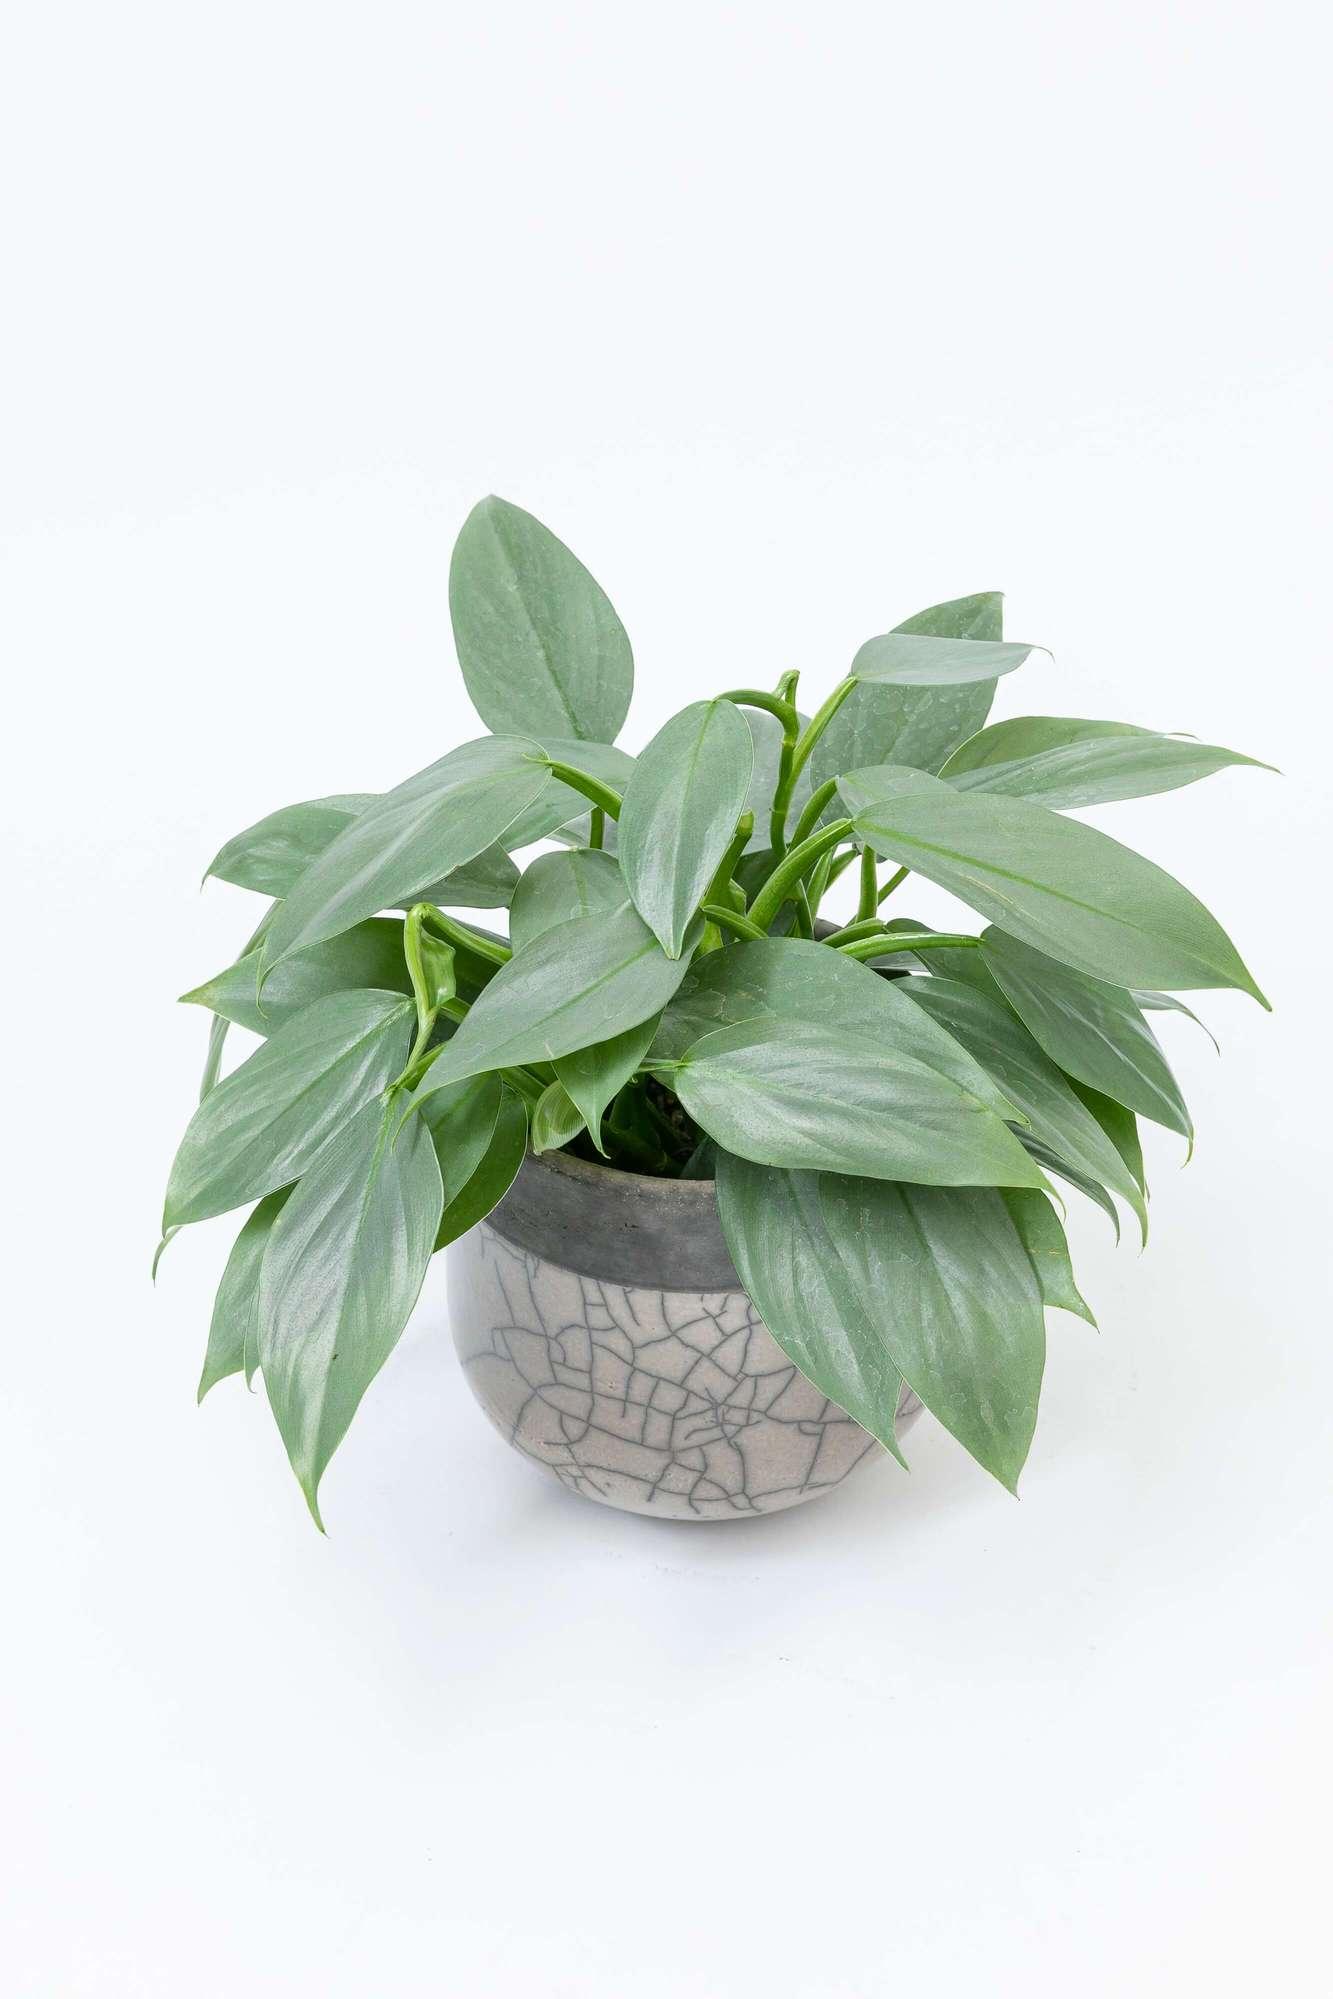 フィロデンドロン・シルバーメタル シルバーメタル 観葉植物 サトイモ科